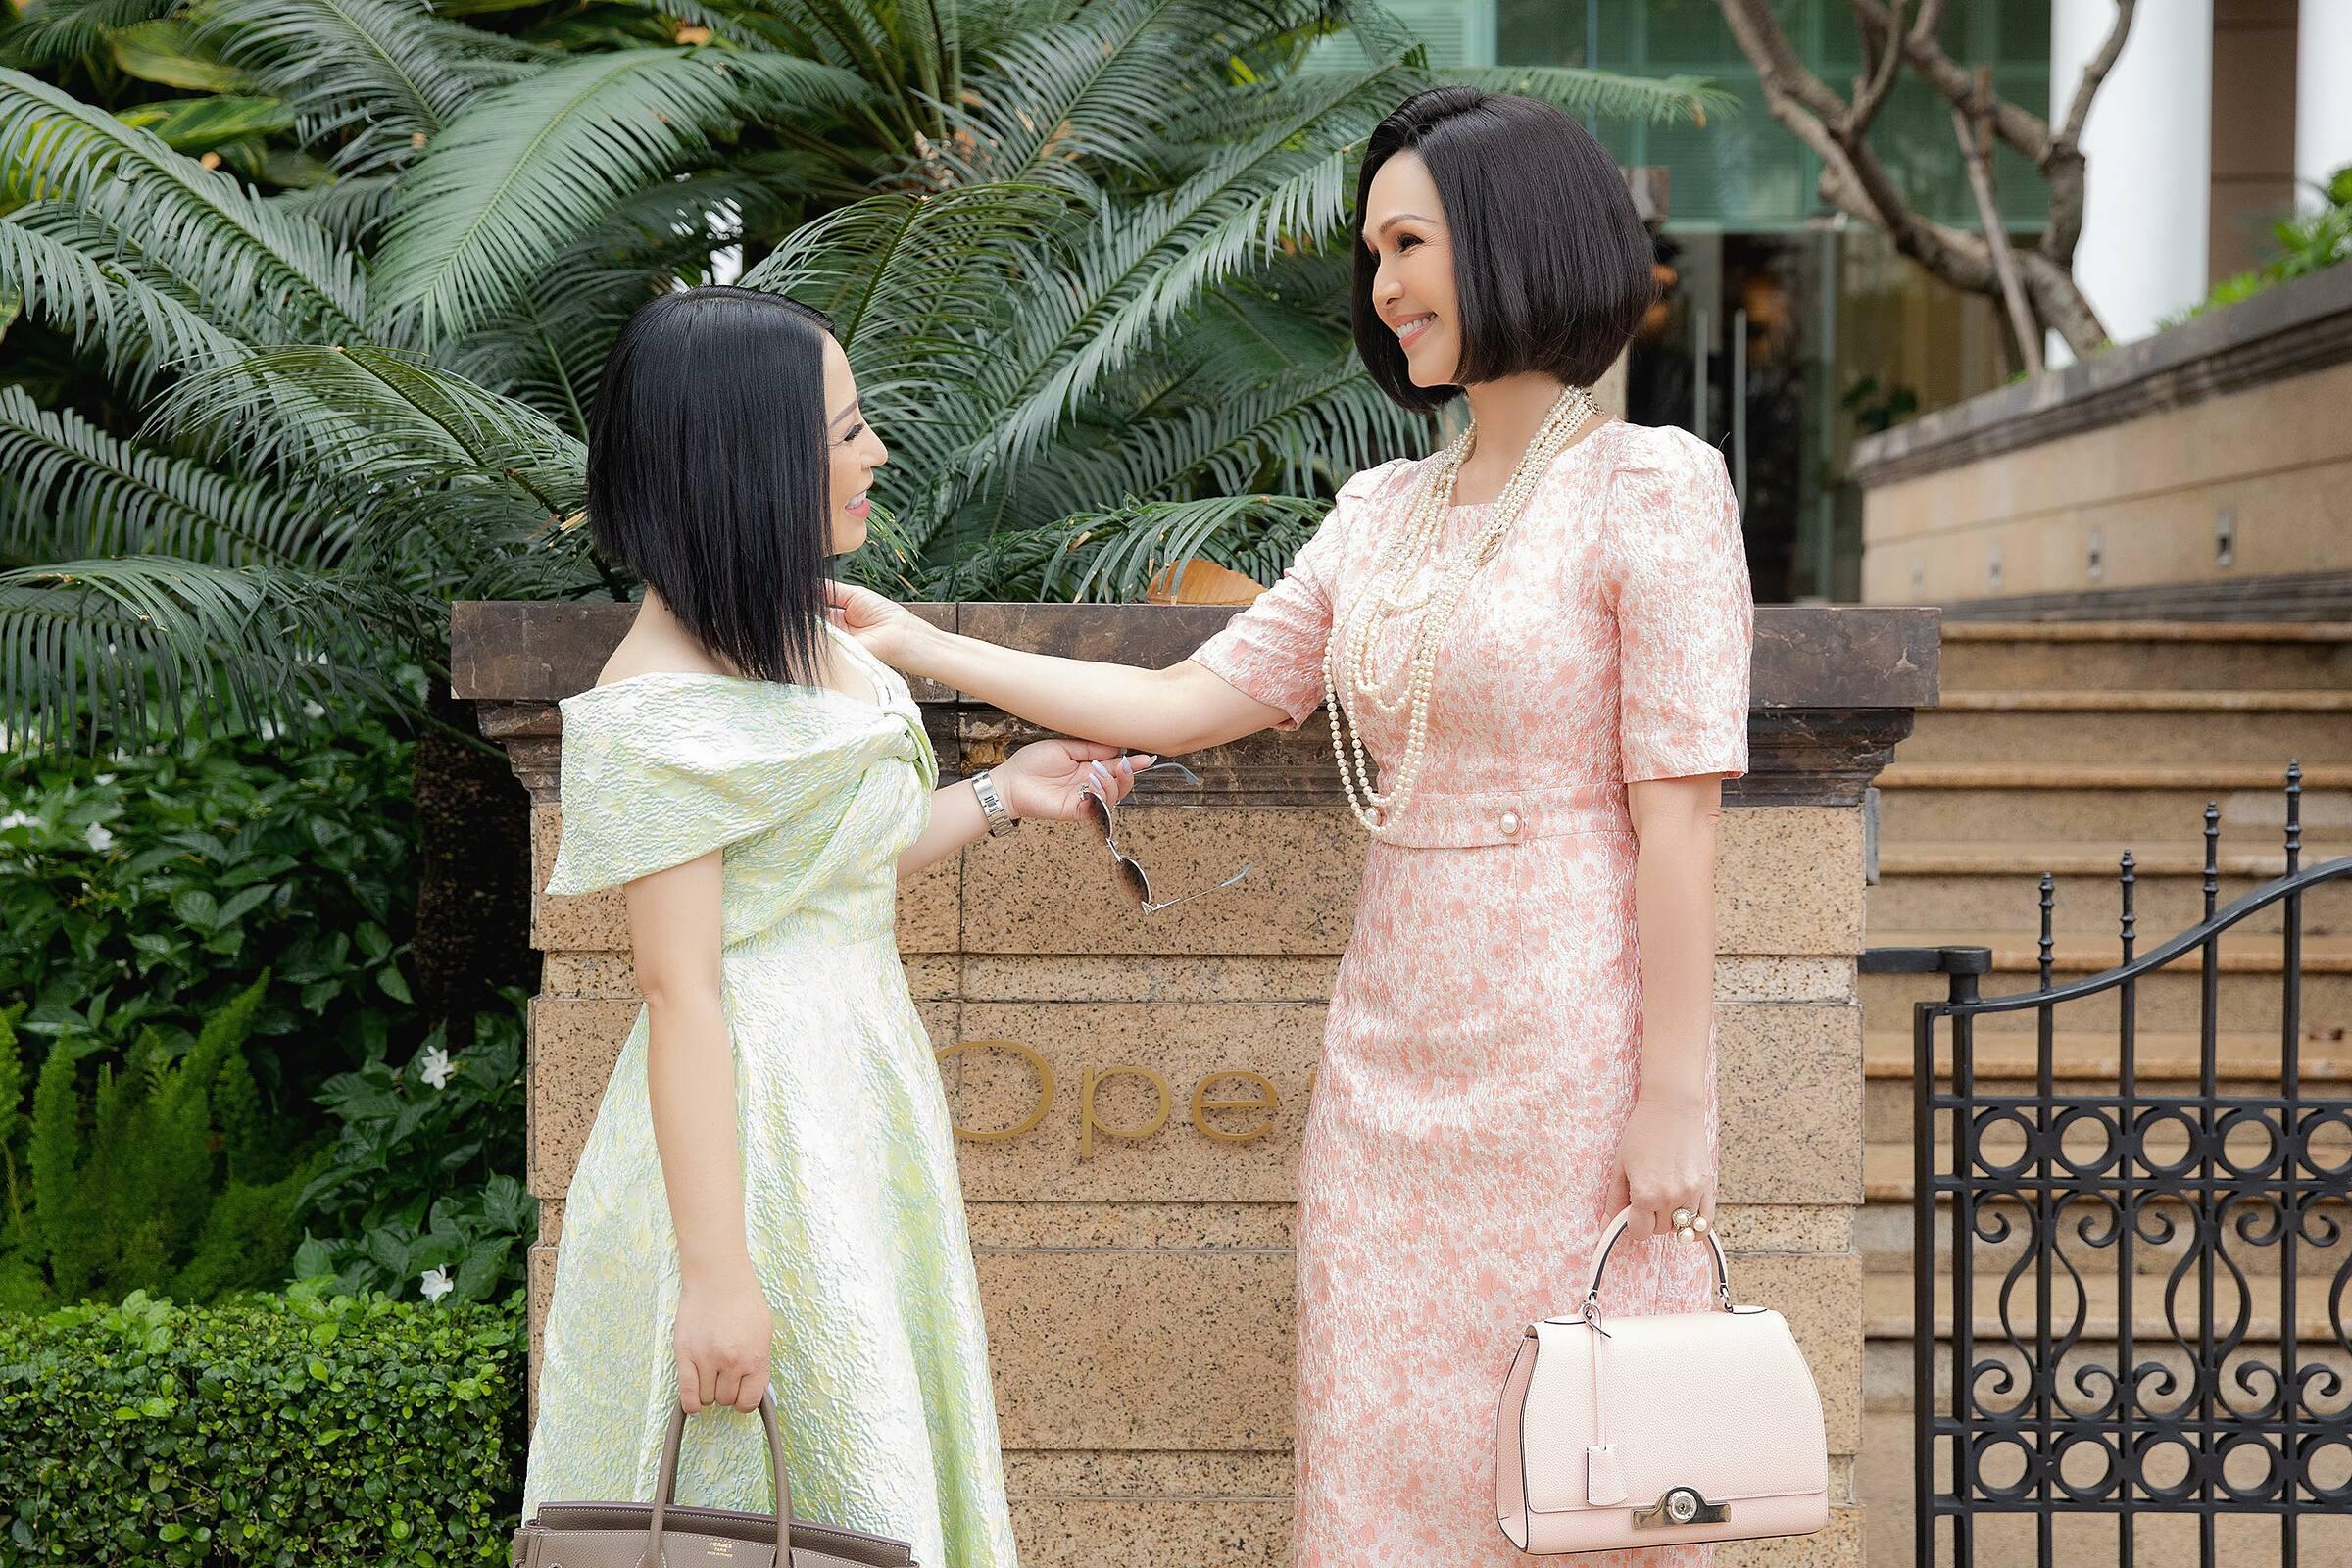 Tham dự tiệc tại khách sạn sang trọng ở TP HCM, Hoa hậu Kristine Thảo Lâm và diễn viên Diễm My cùng để tóc ngắn và diện trang phục màu pastel nhẹ nhàng. Nàng hậu chia sẻ chia sẻ mình rất thích kiểu tóc, giúp cô toát lên nét đẹp tự nhiên, khuôn mặt thêm đầy đặn